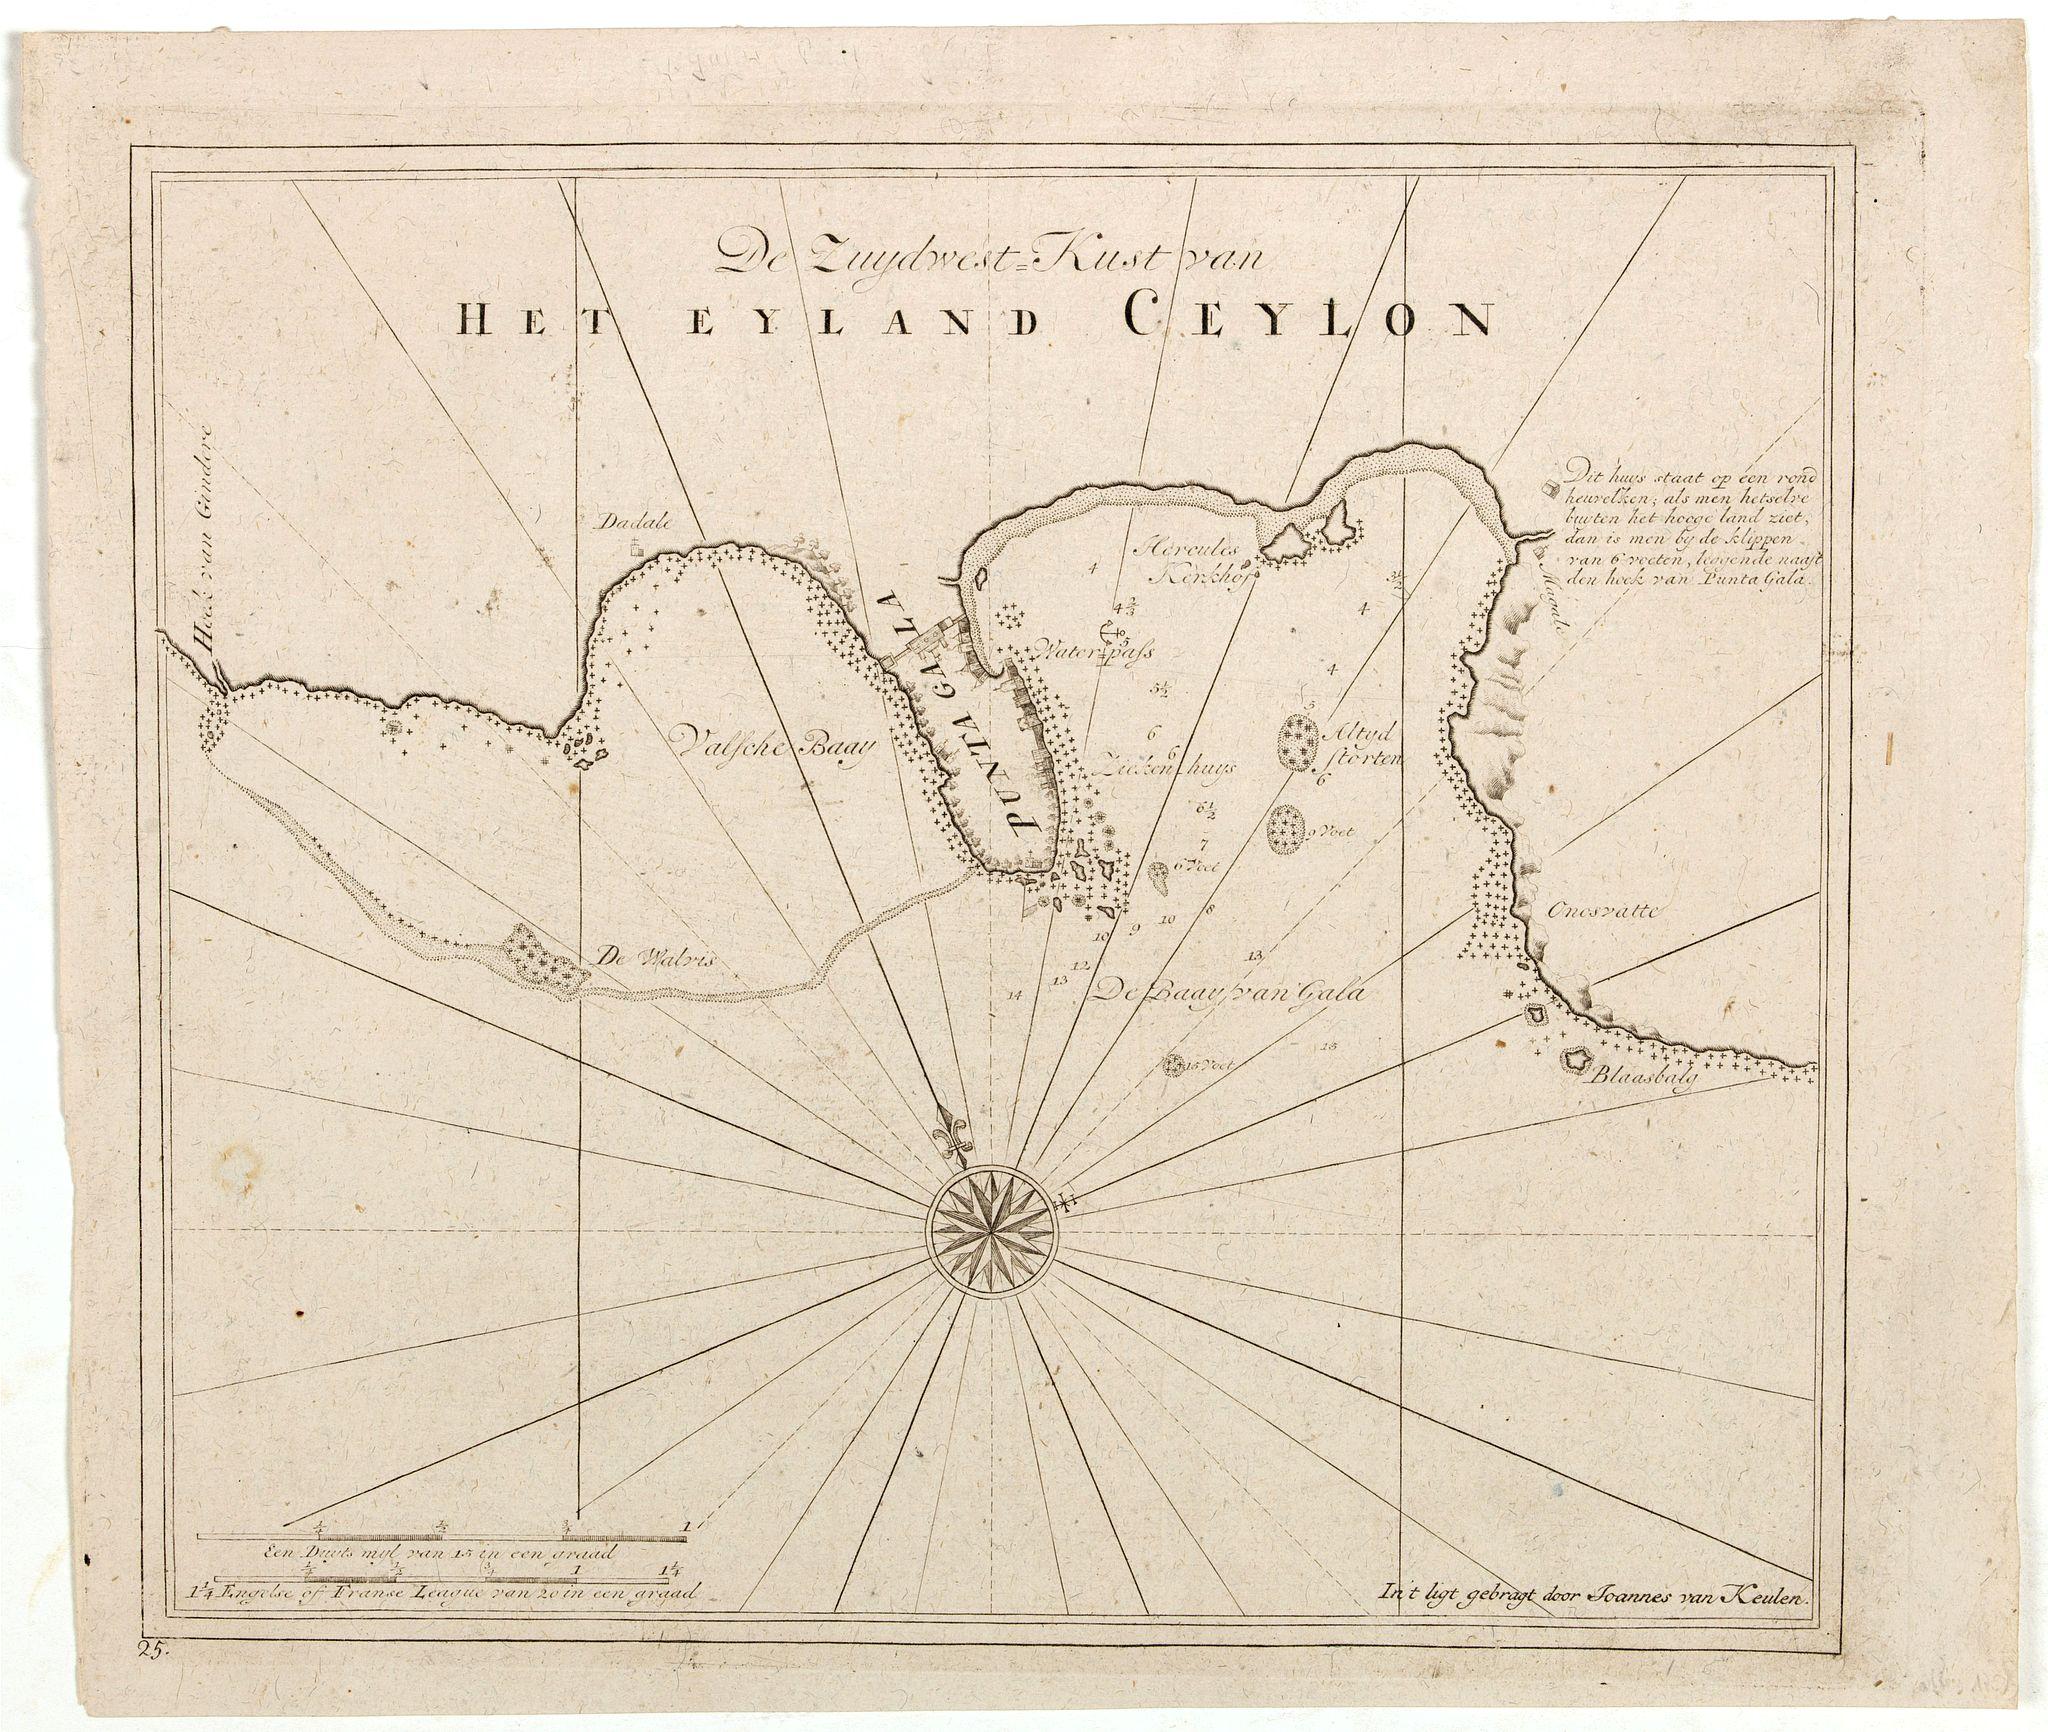 VAN KEULEN, J. -  De Zuydwest-Kust van Het Eyland Ceylon.